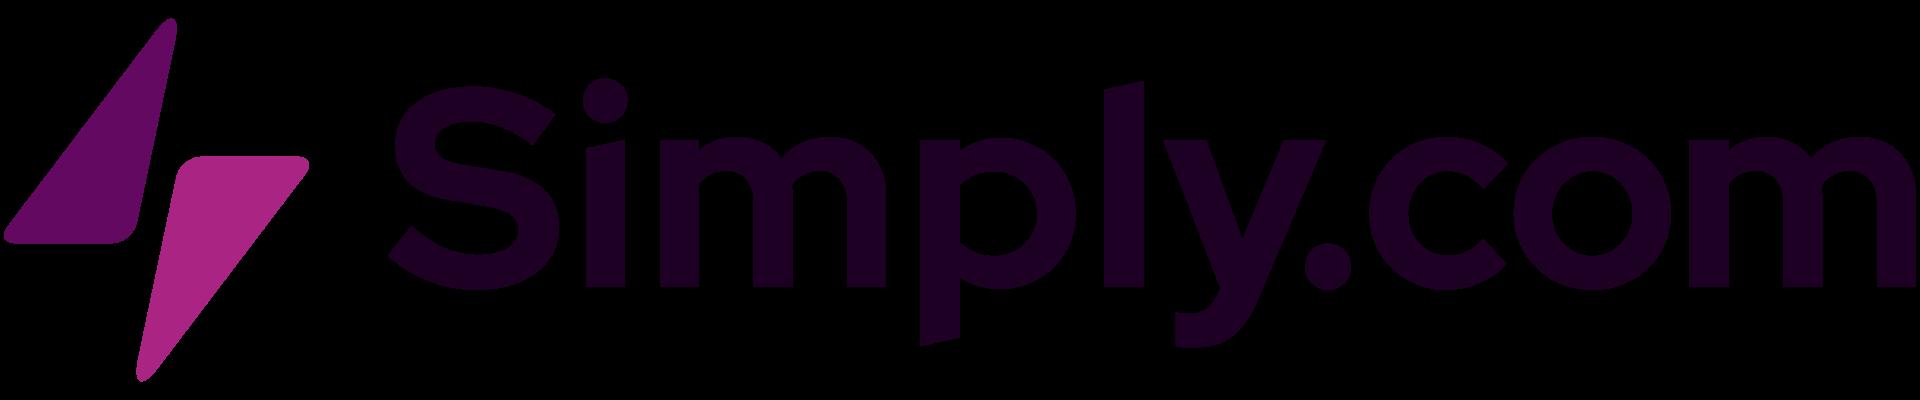 Er Simply.com det bedste webhotel?